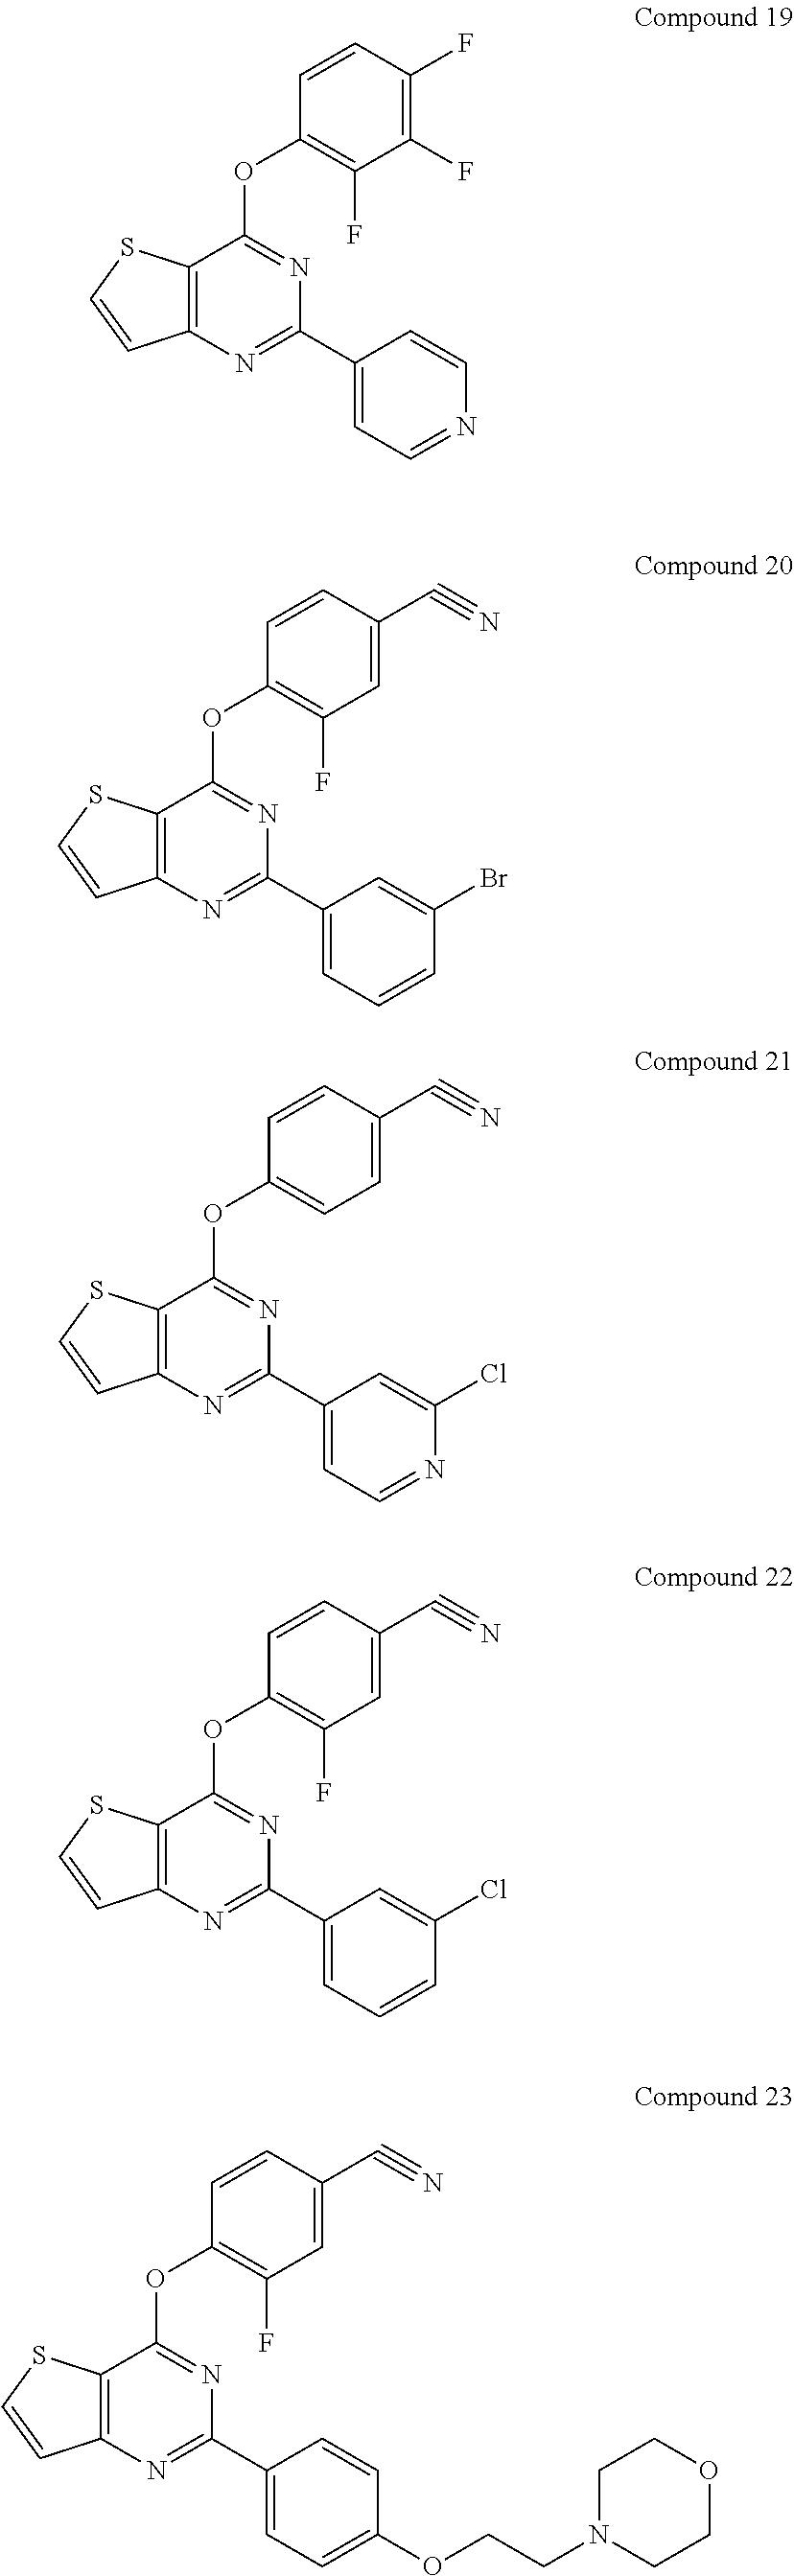 Figure US20120189590A1-20120726-C00052